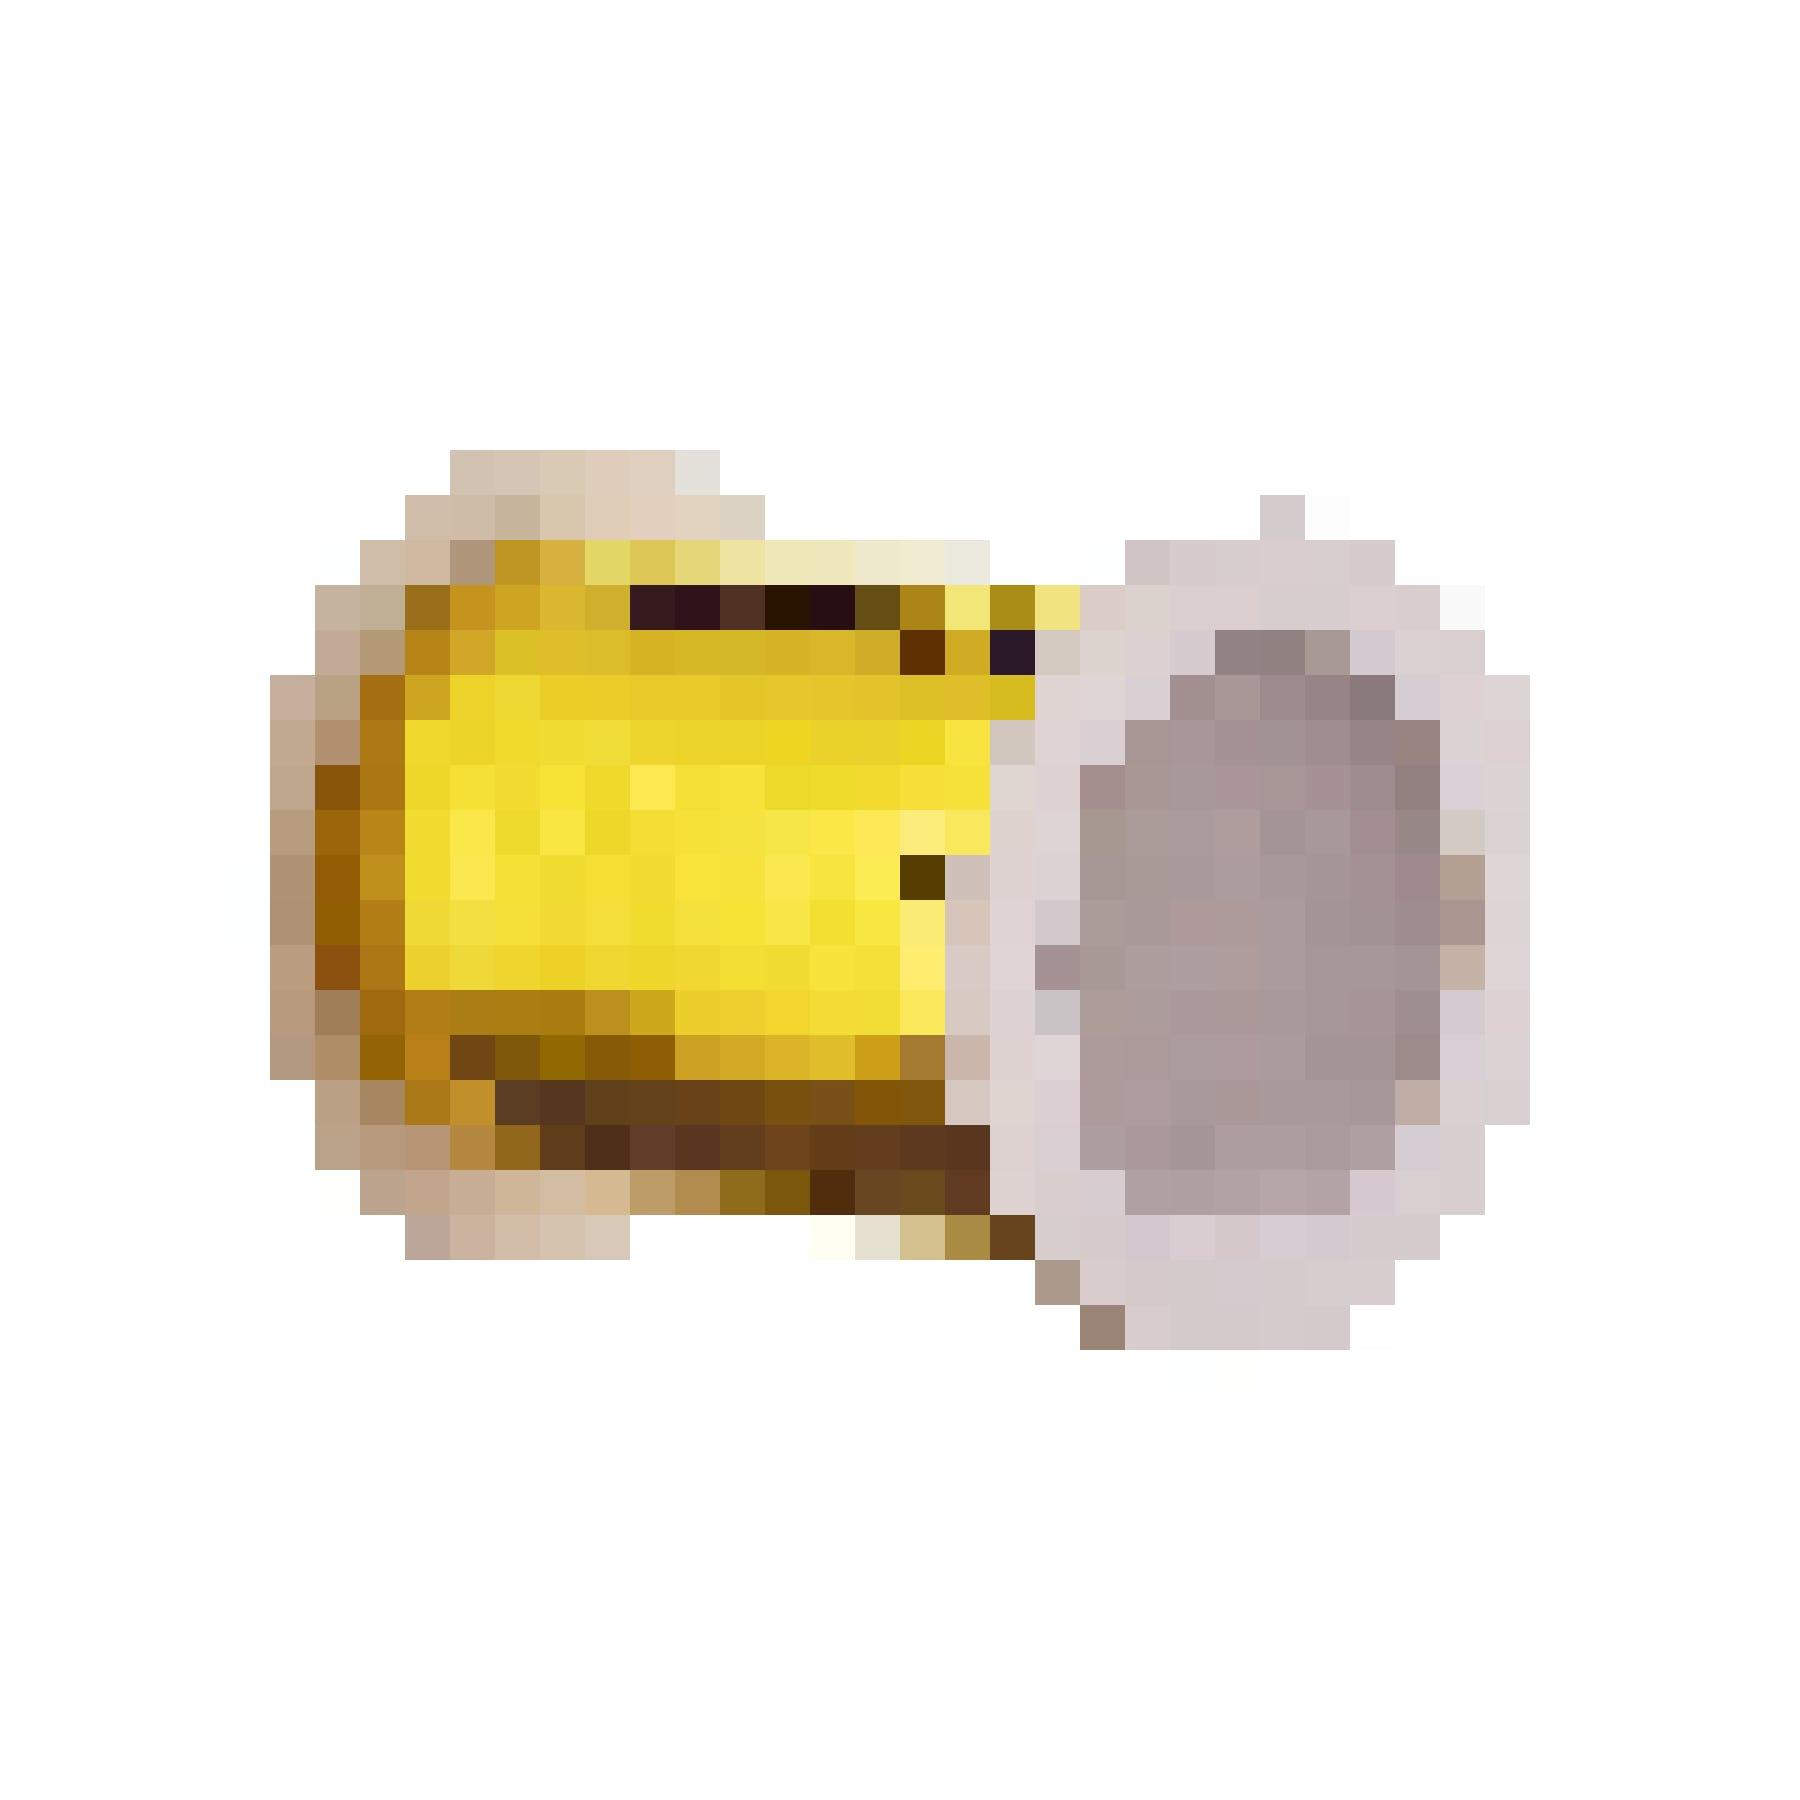 Einfach goldig: Geschenkband glanz gold, 10mm×15m, Fr. 2.50, in ausgewählten Coop-Supermärkten.